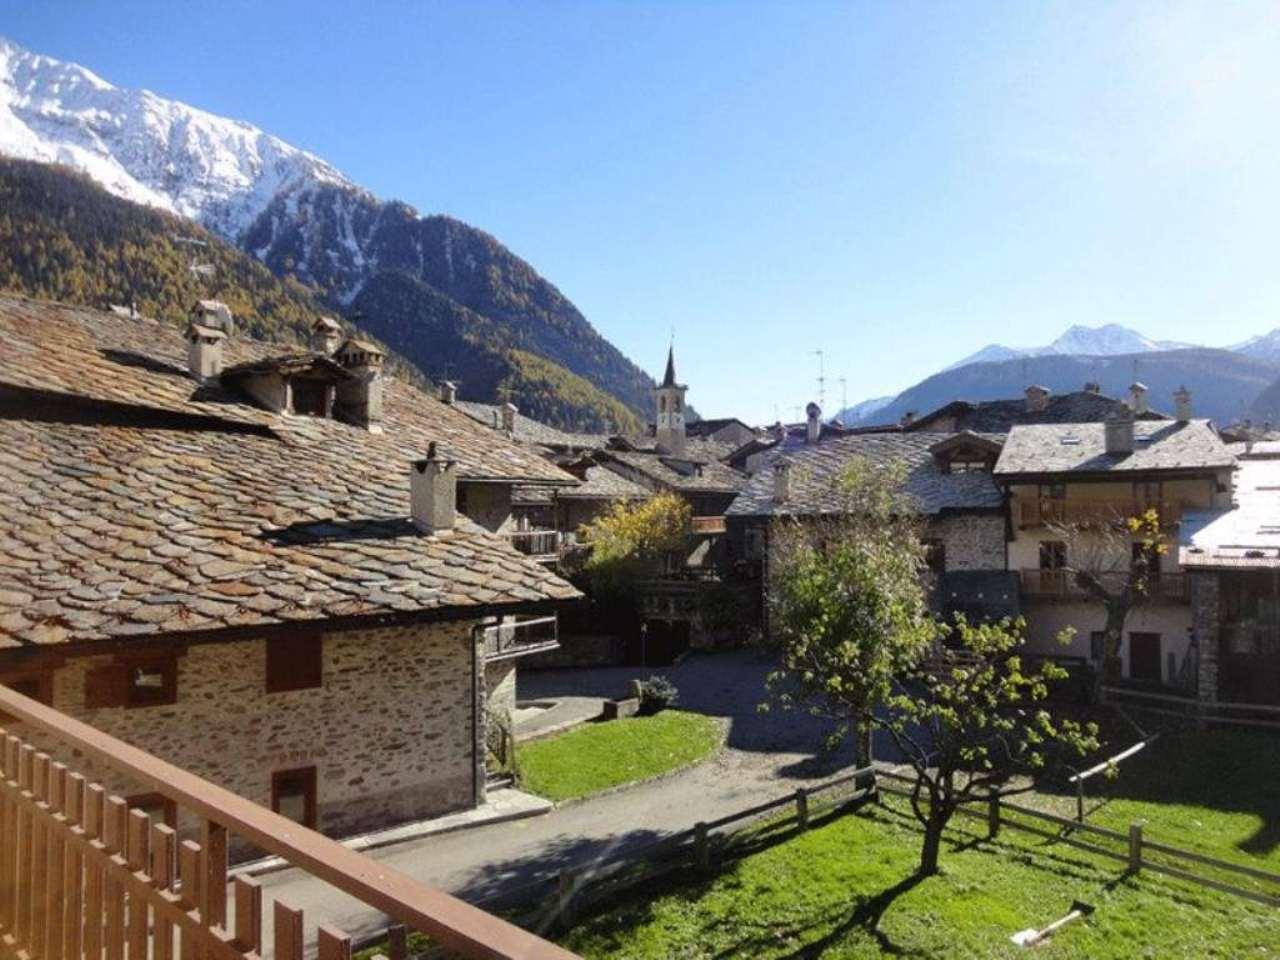 Appartamento in vendita a Courmayeur, 4 locali, prezzo € 680.000 | Cambio Casa.it